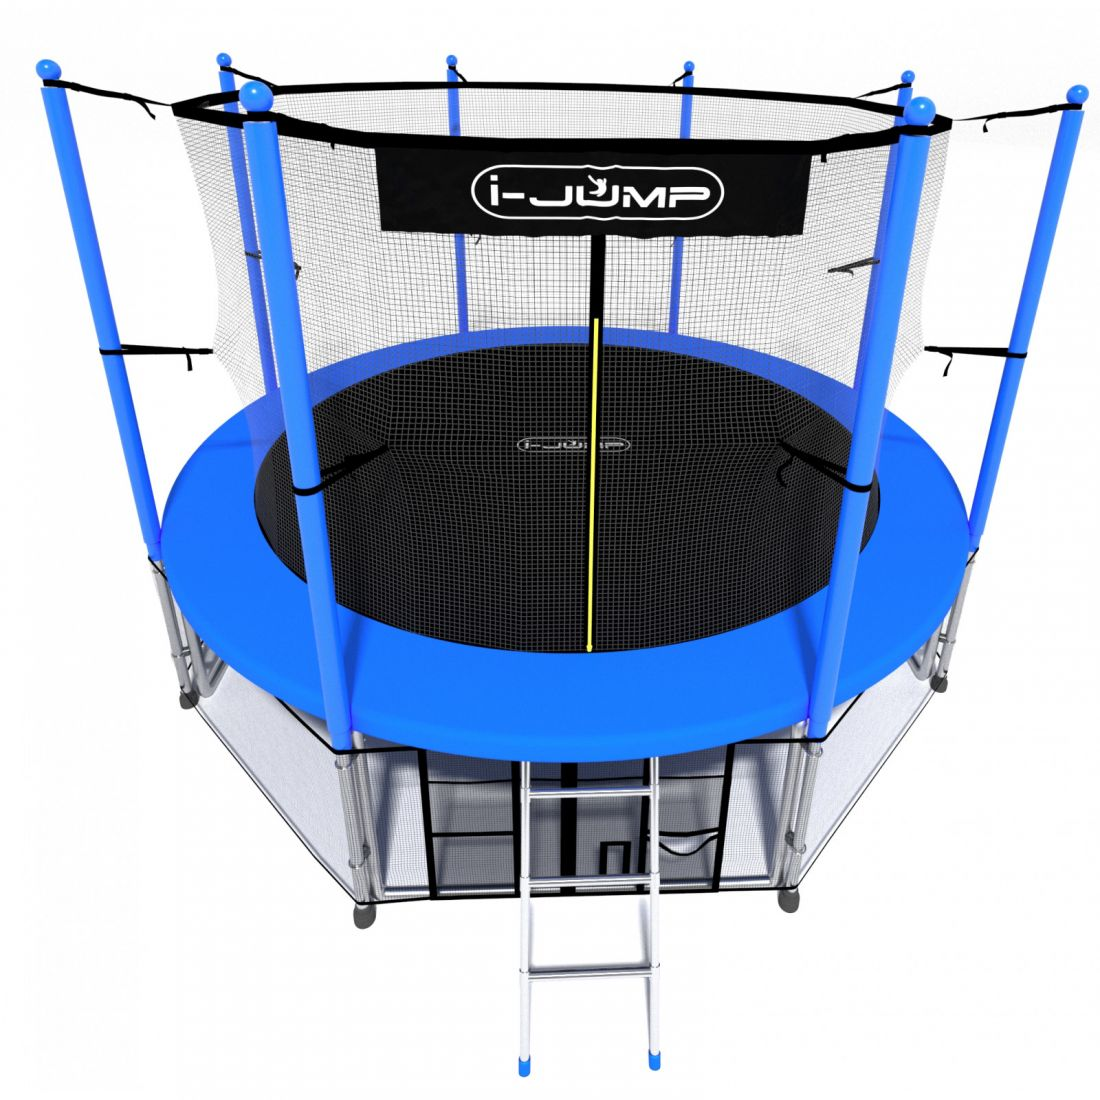 Батут i-Jump 8ft blue